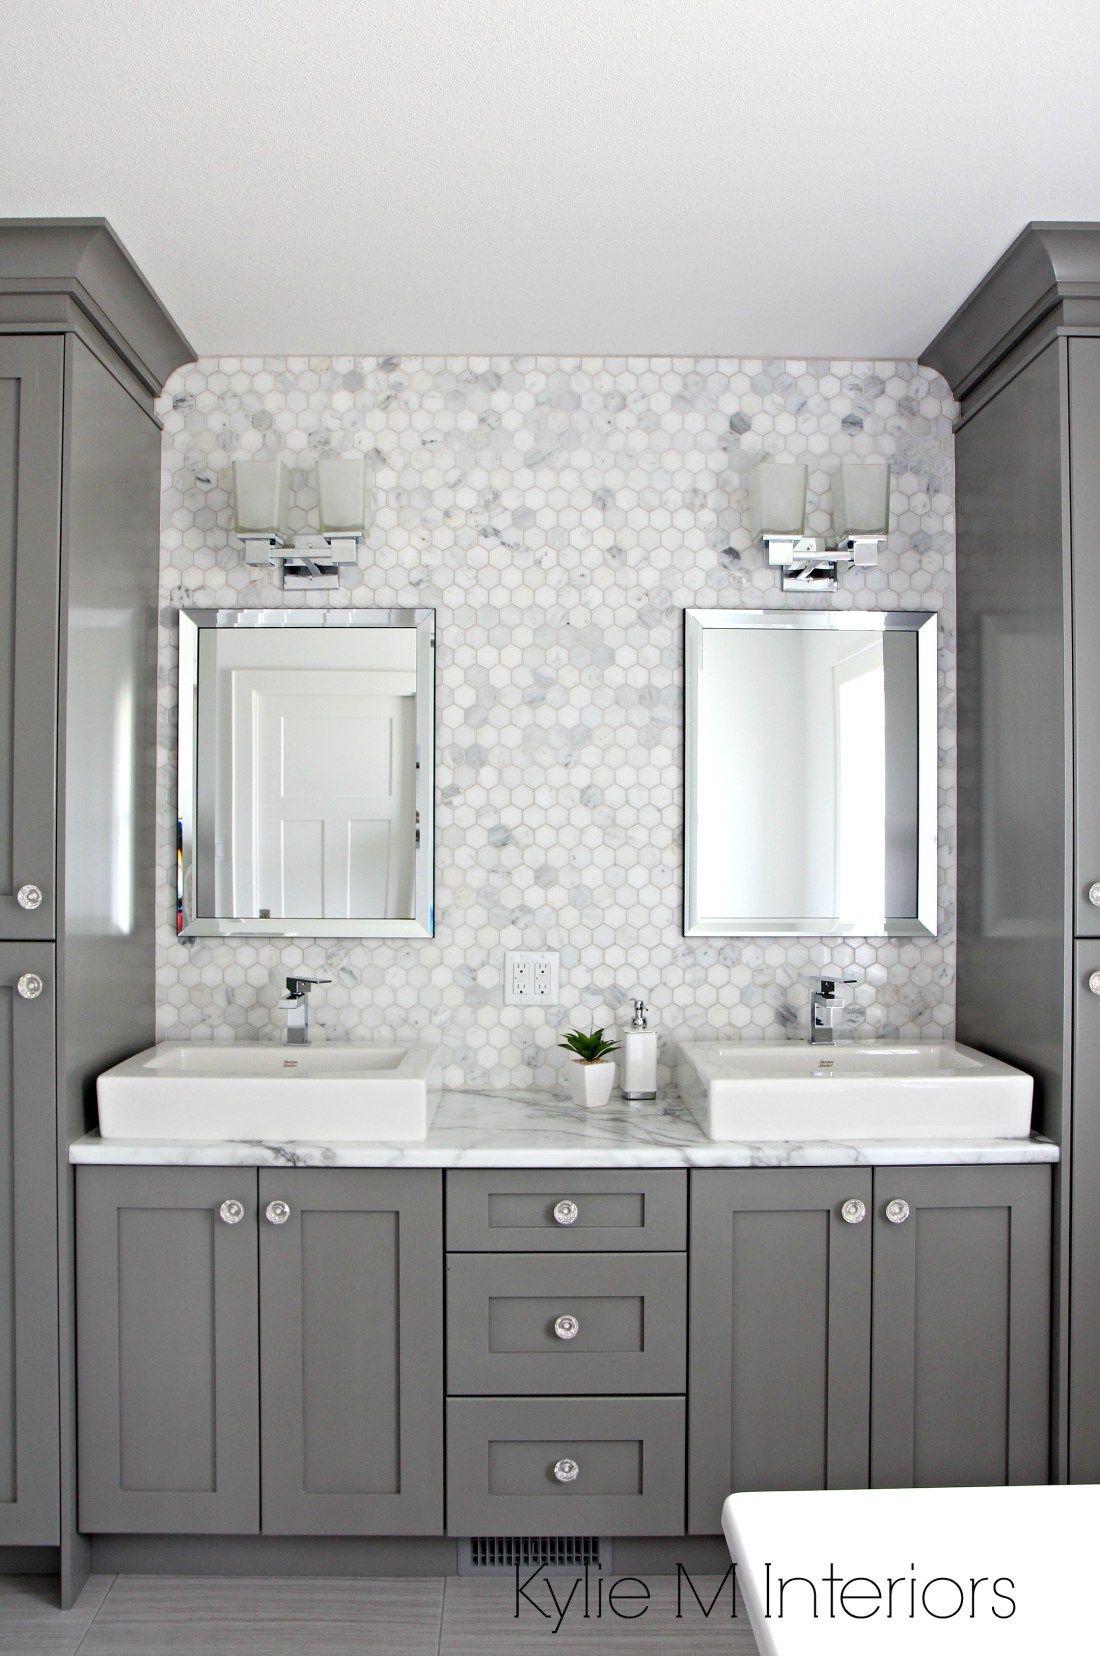 Formica bathroom countertops - Countertop